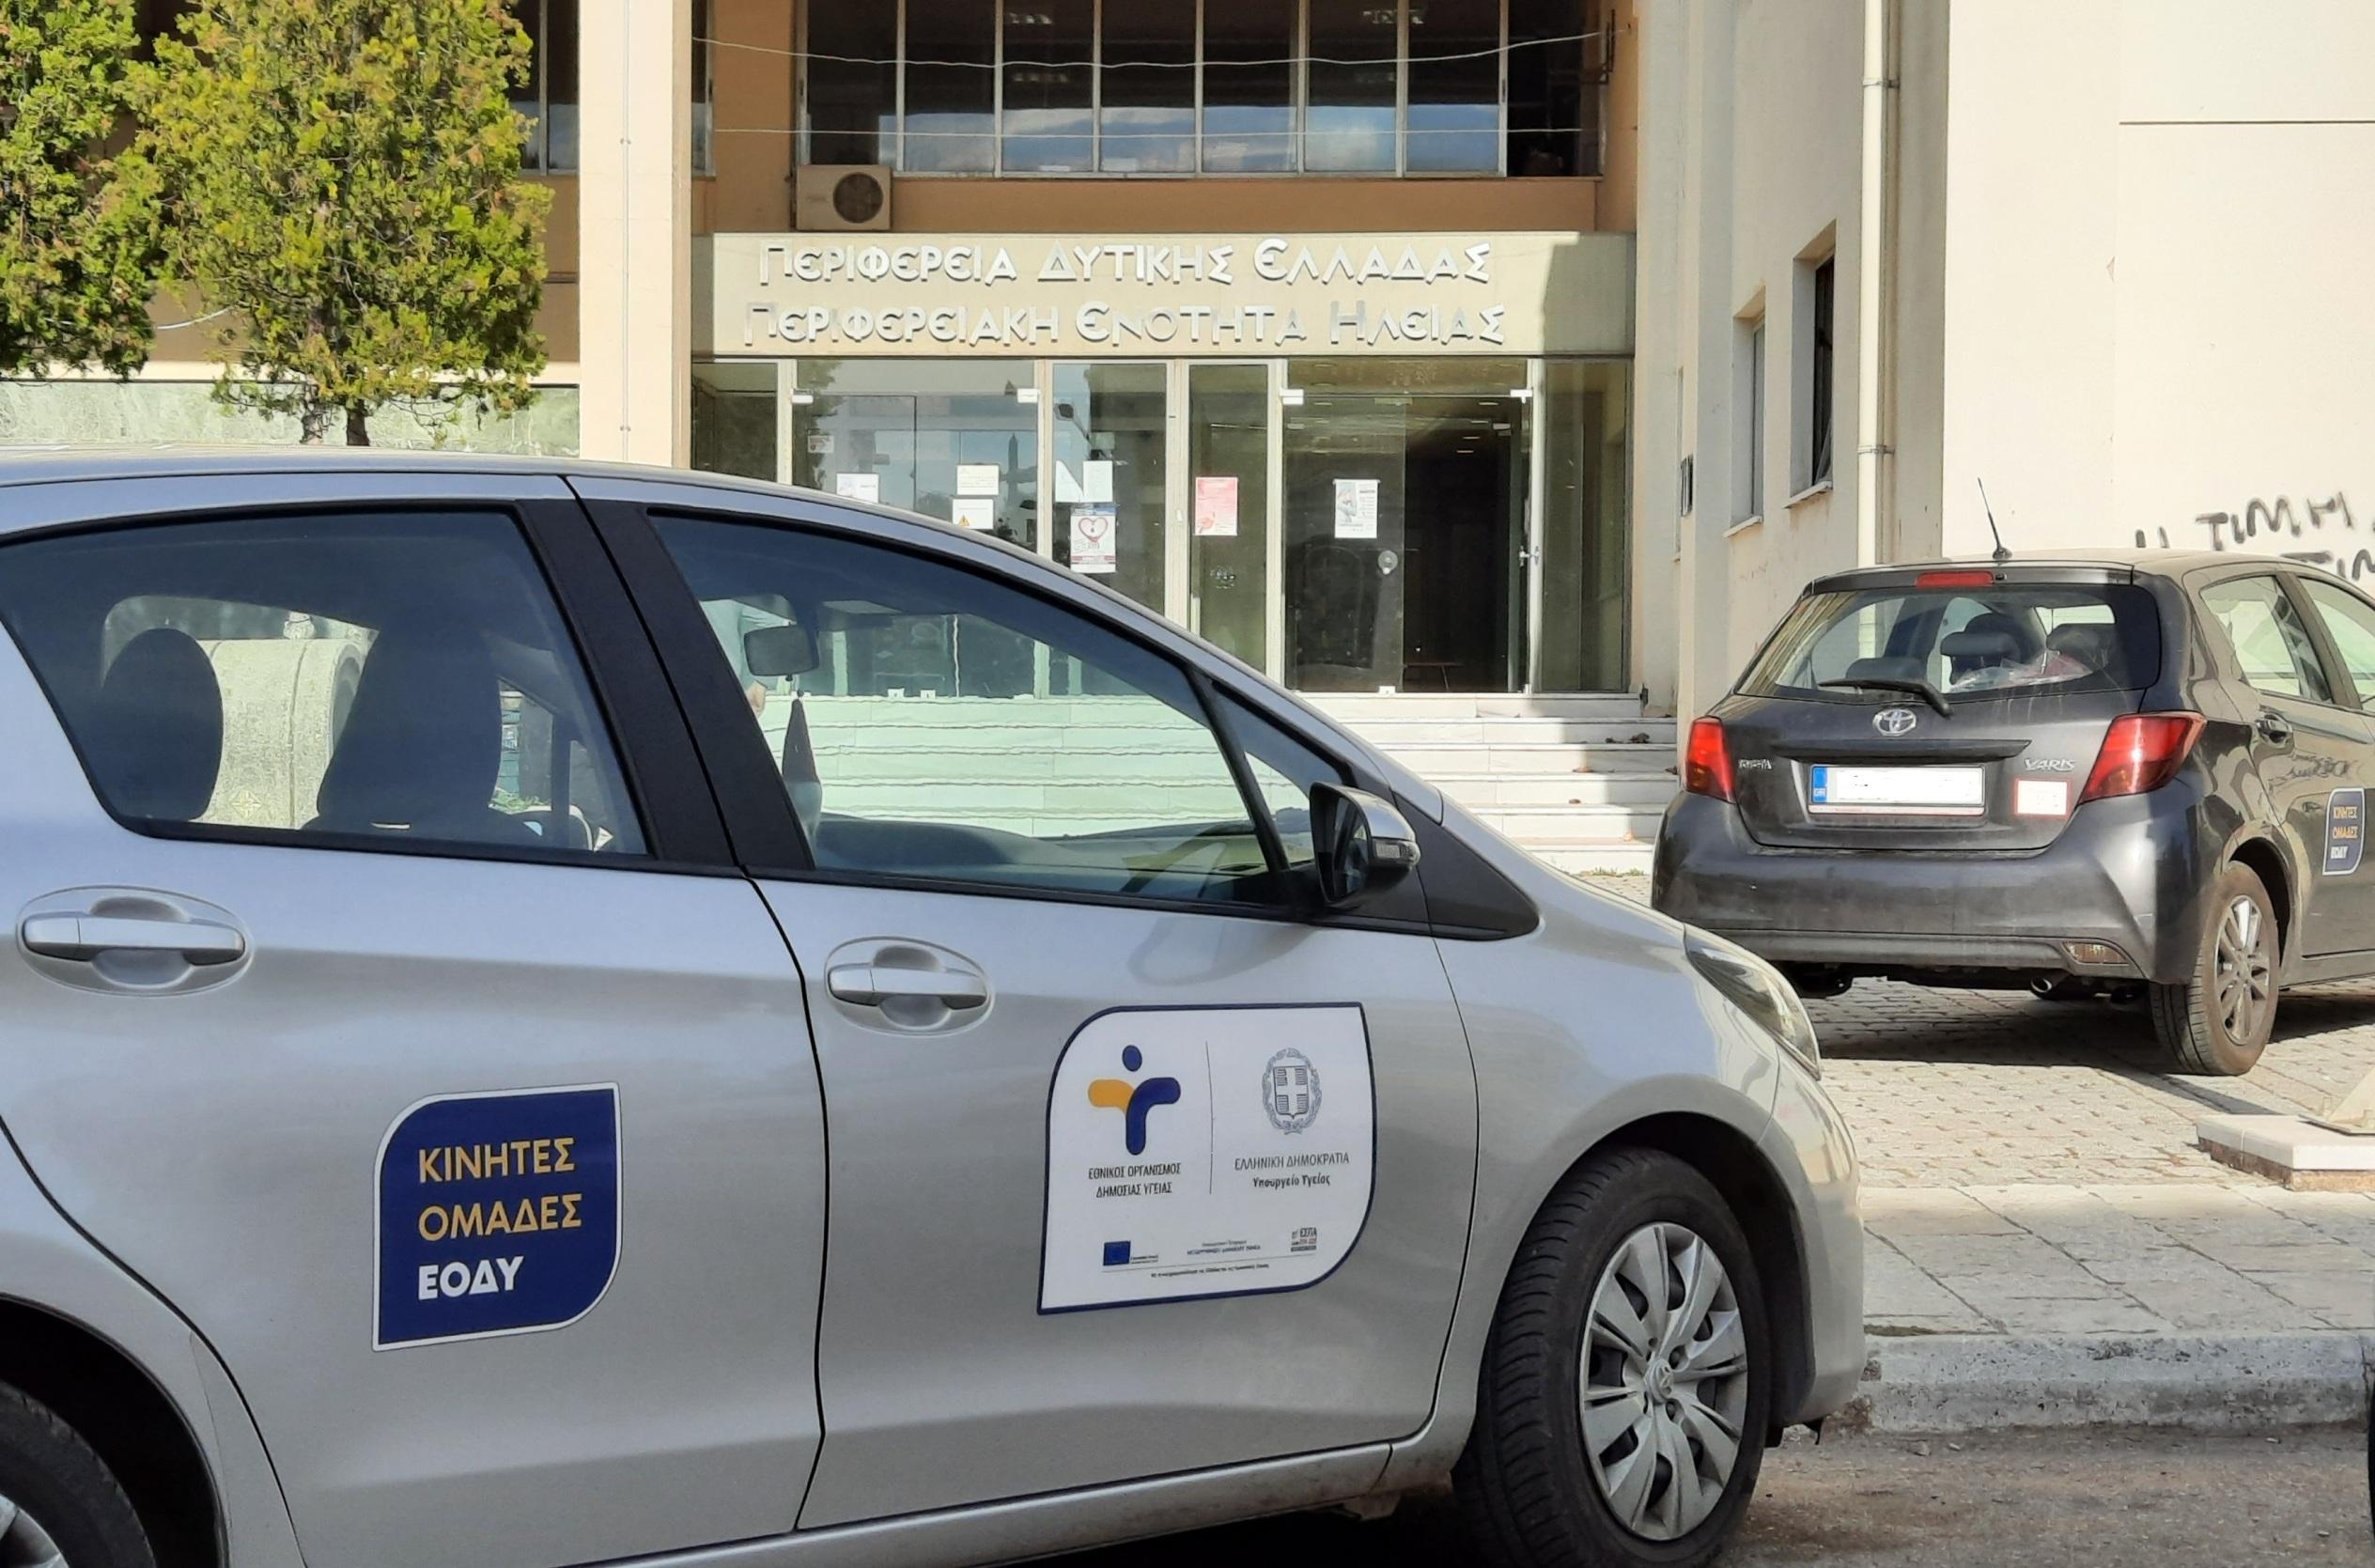 Πύργος: Με 90 αρνητικά τεστ (rapid test) ο επαναληπτικός έλεγχος Covid-19 των εργαζoμένων στο κτίριο της Π.Ε. Ηλείας